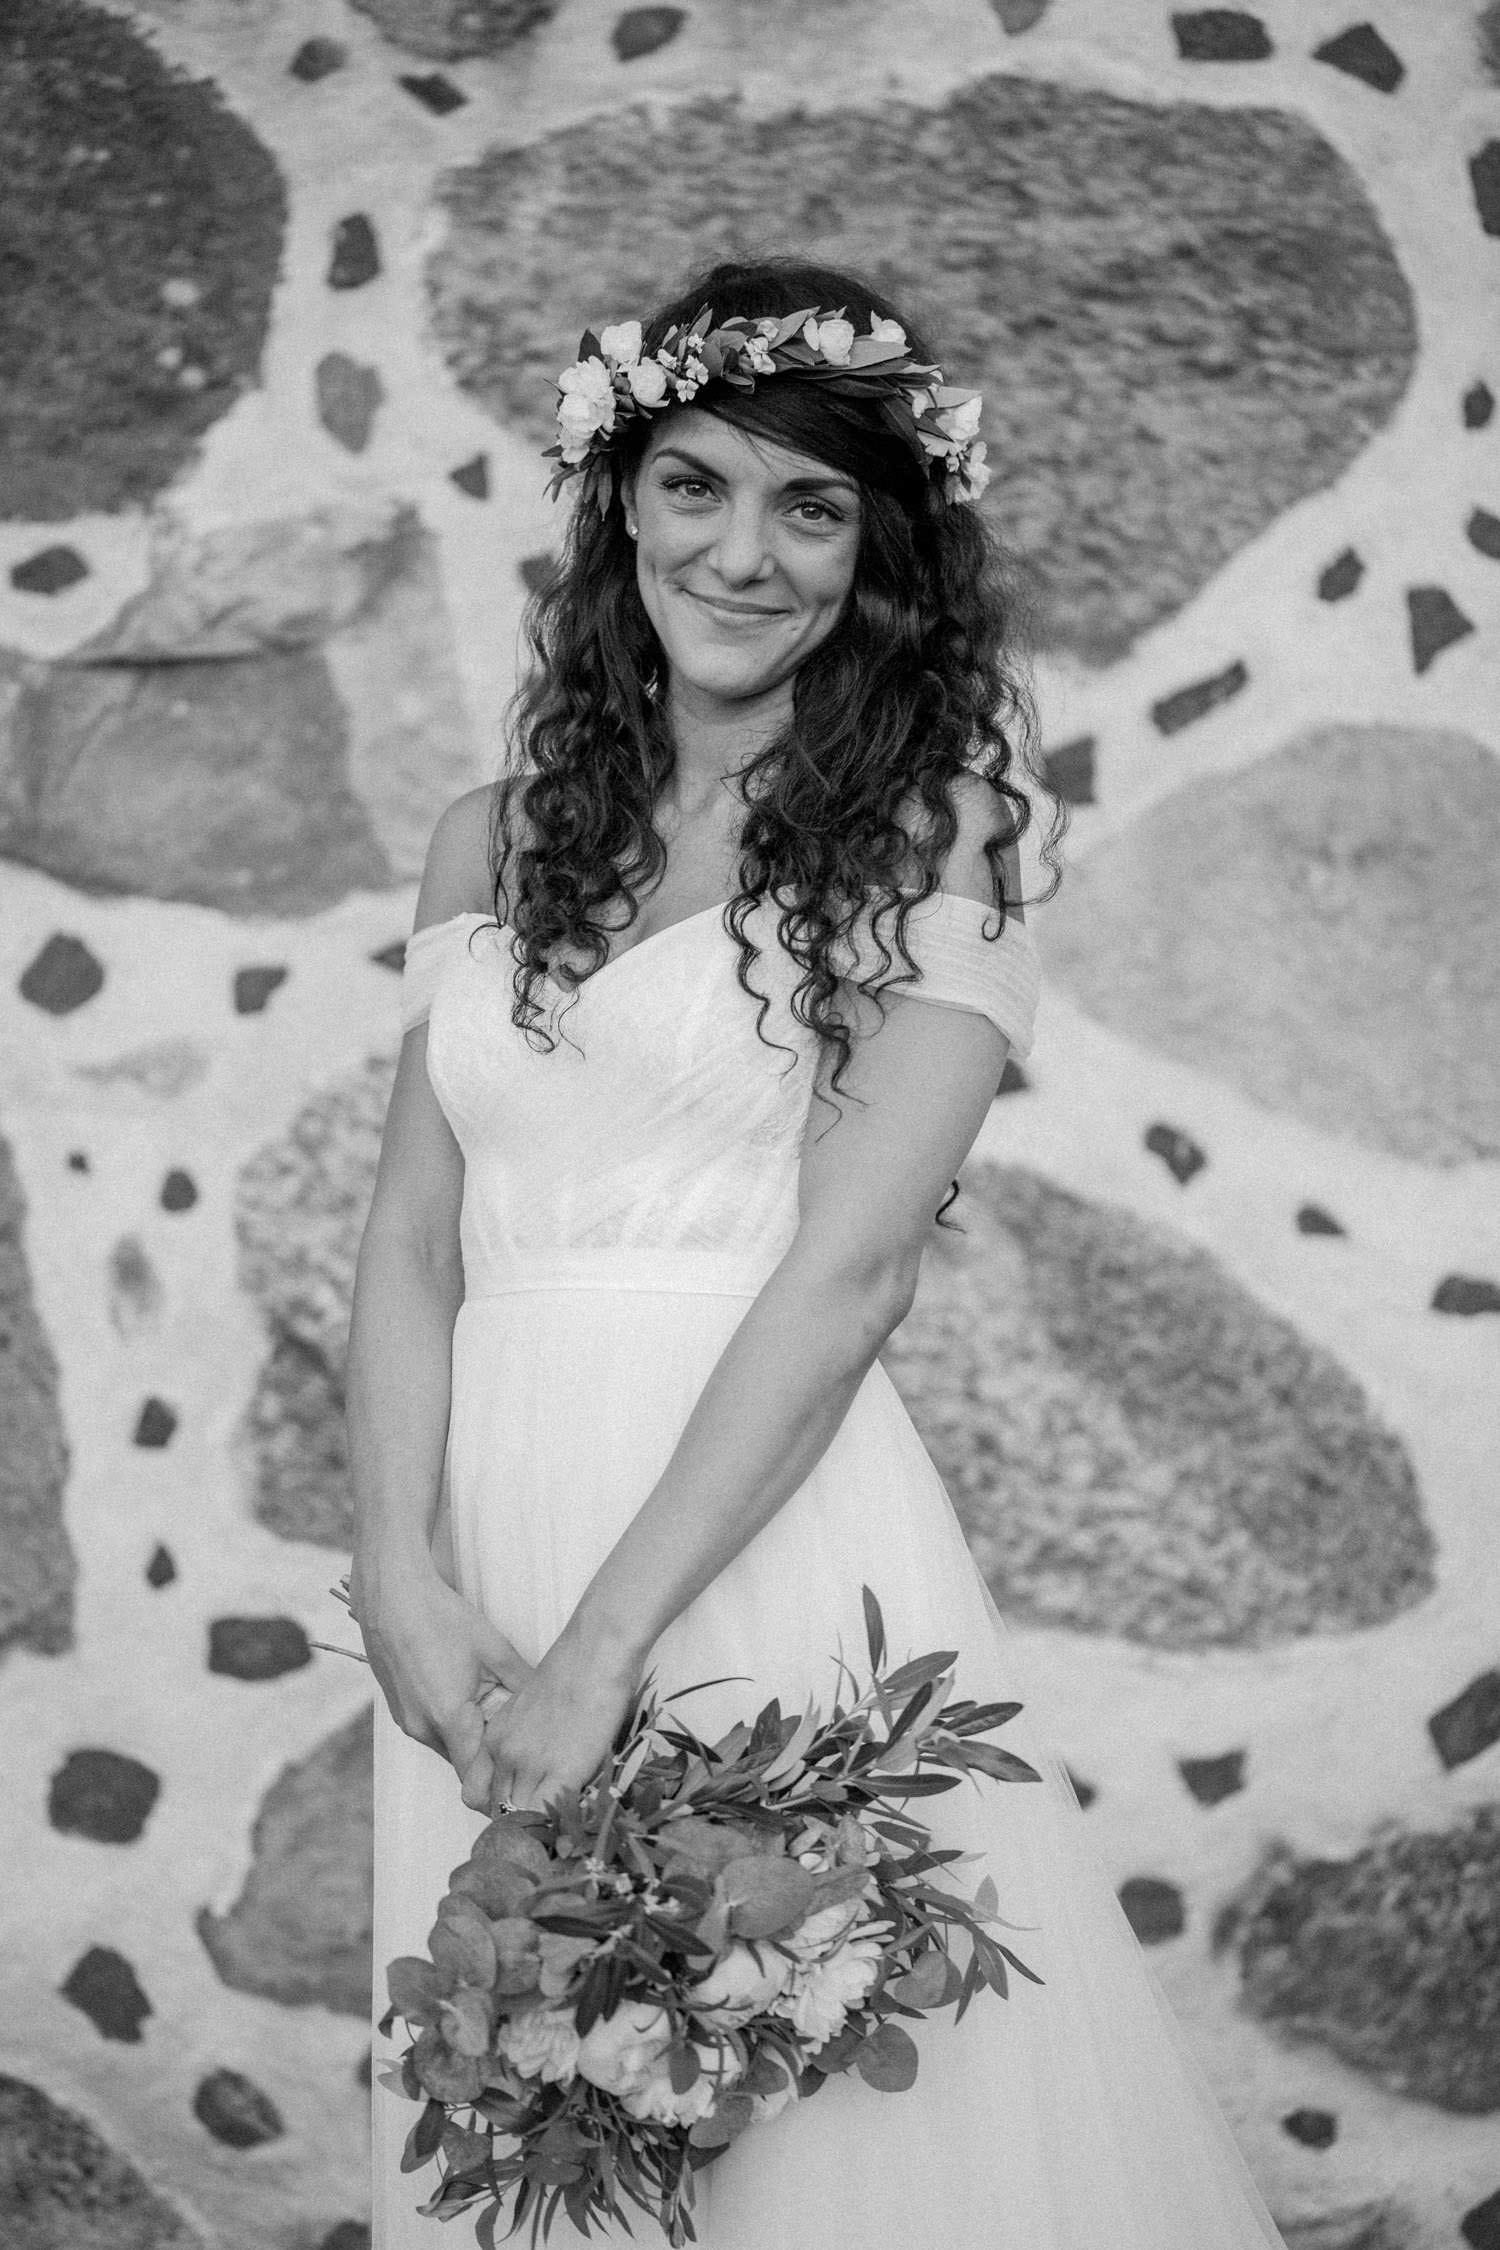 Svartvitt porträtt på Ashley Ljungbäck under hennes destinationsbröllop på Trolleholms slott, Skåne. Bröllopsfotograf är Tove Lundquist, Ashleys brudklänning kommer från Mia Grace Bridal. Florist är Lilla Hults Blommor i Ängelholm.